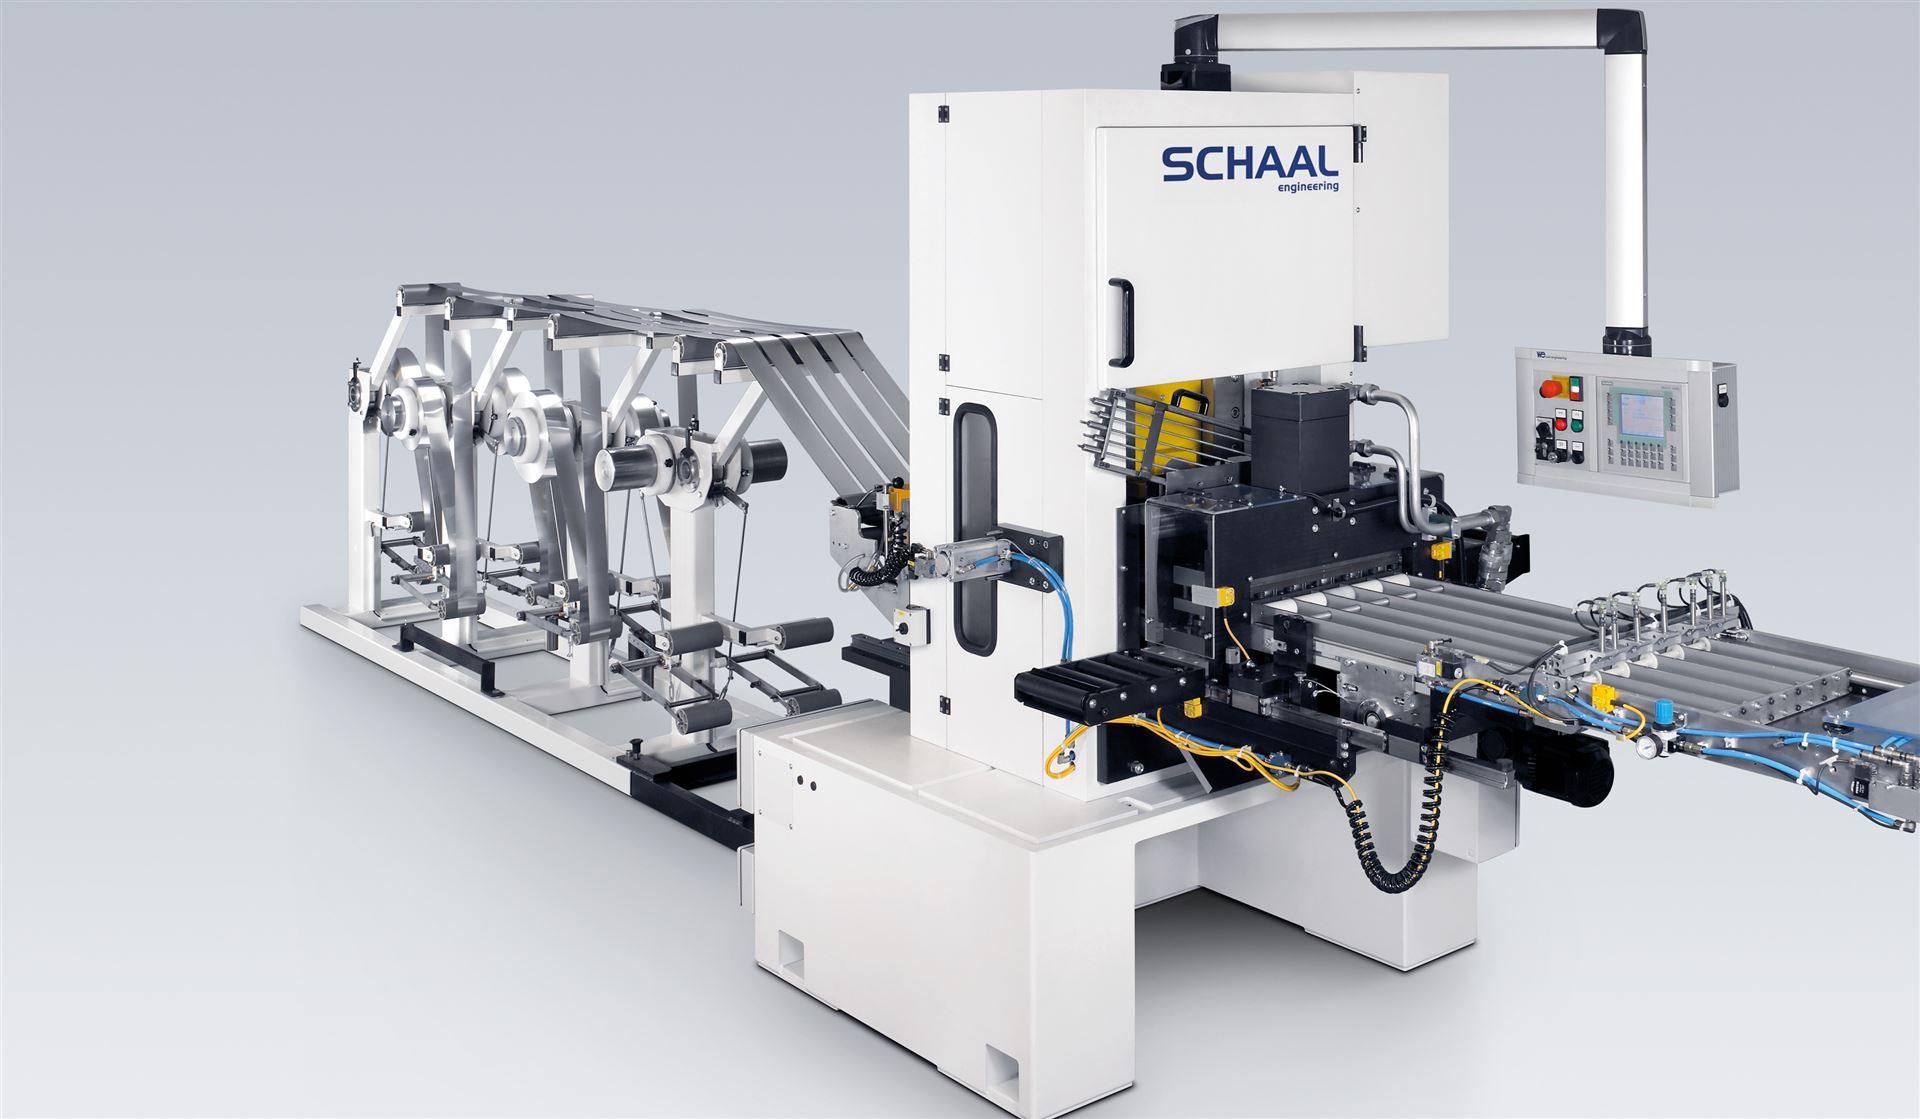 SEP-Serie: Präzisionsstanzautomaten in modularer Bauweise für nahezu jeden Produktionseinsatz